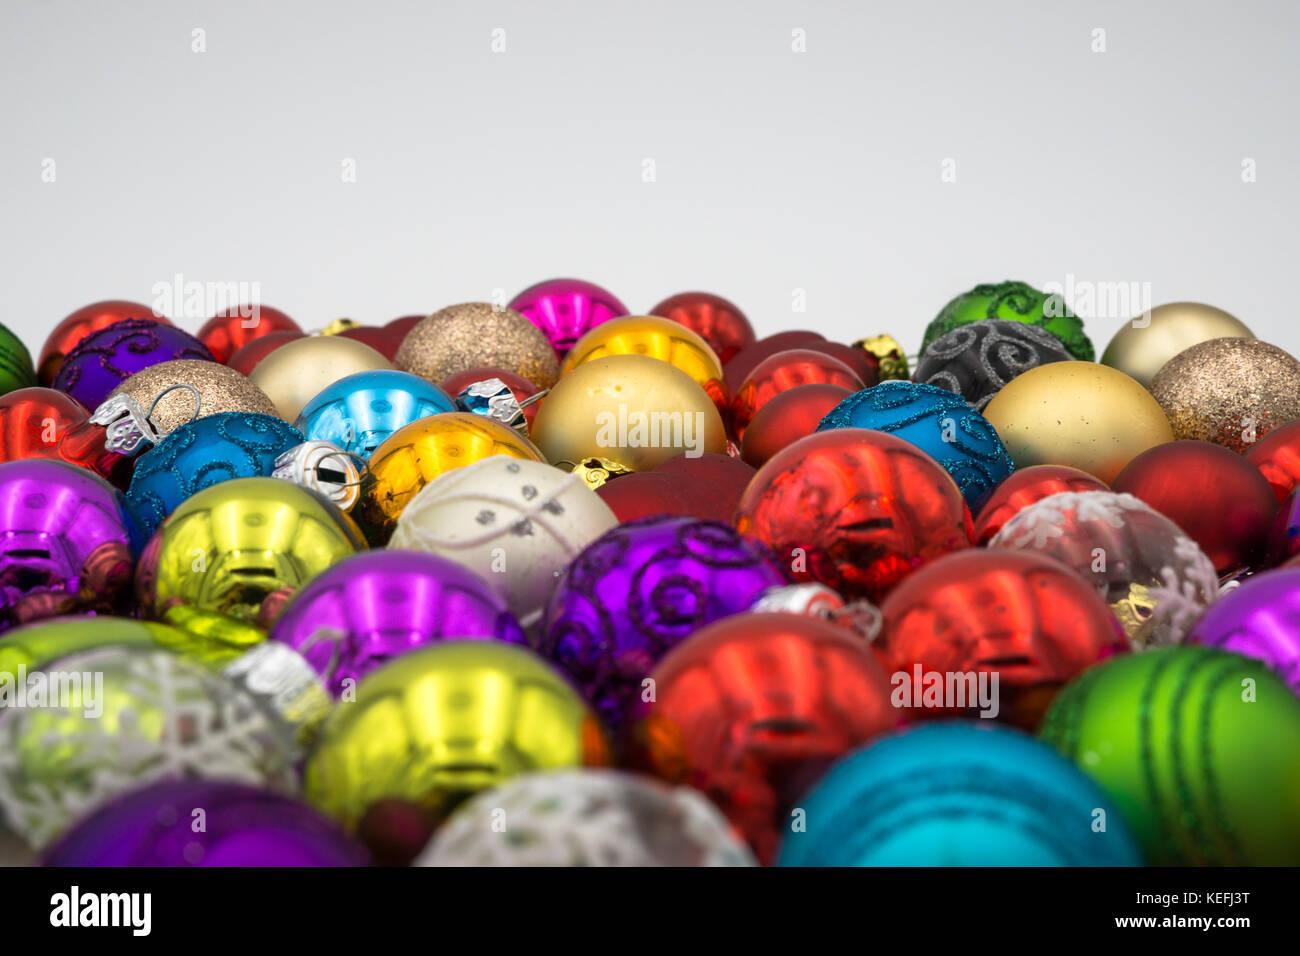 Weihnachtskugeln Rot Gold.Weihnachten Hintergrund Thema Bunten Weihnachtskugeln Rot Blau